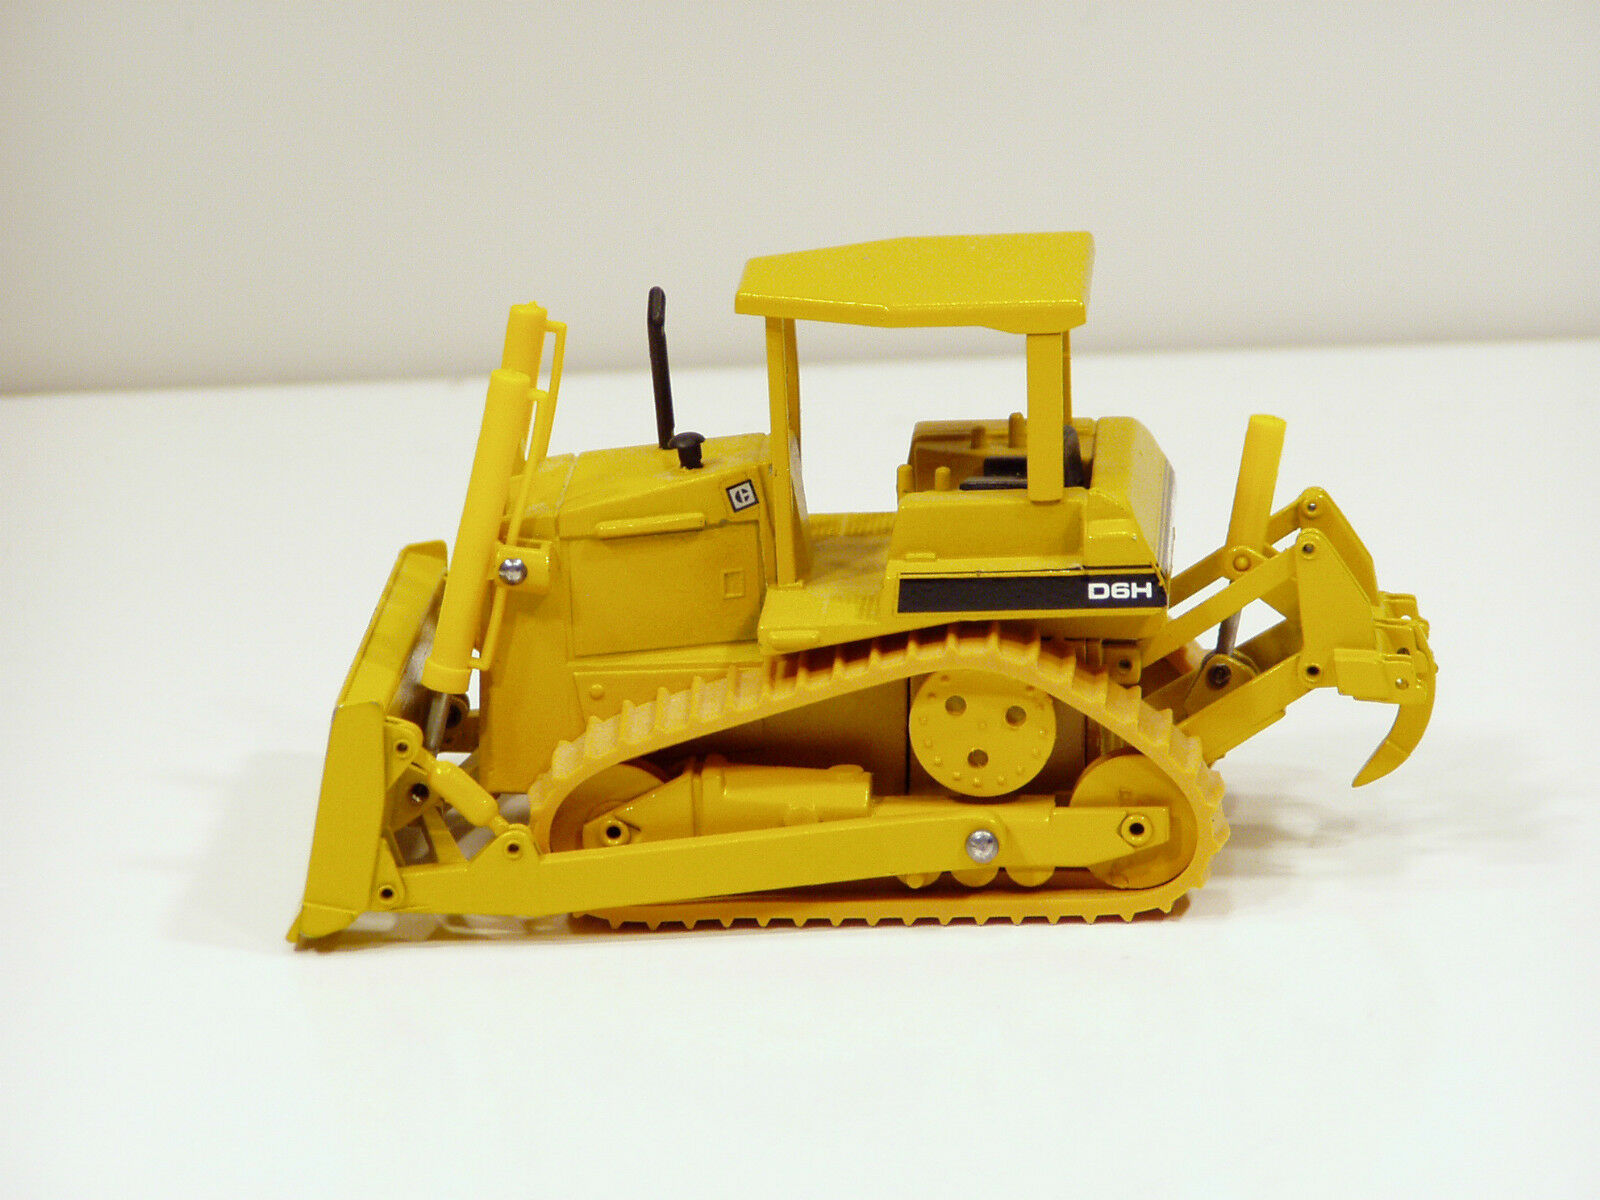 Caterpillar D6h Excavadora-Rops, 3 holgazanes, O c - 1 50-Conrad   2851